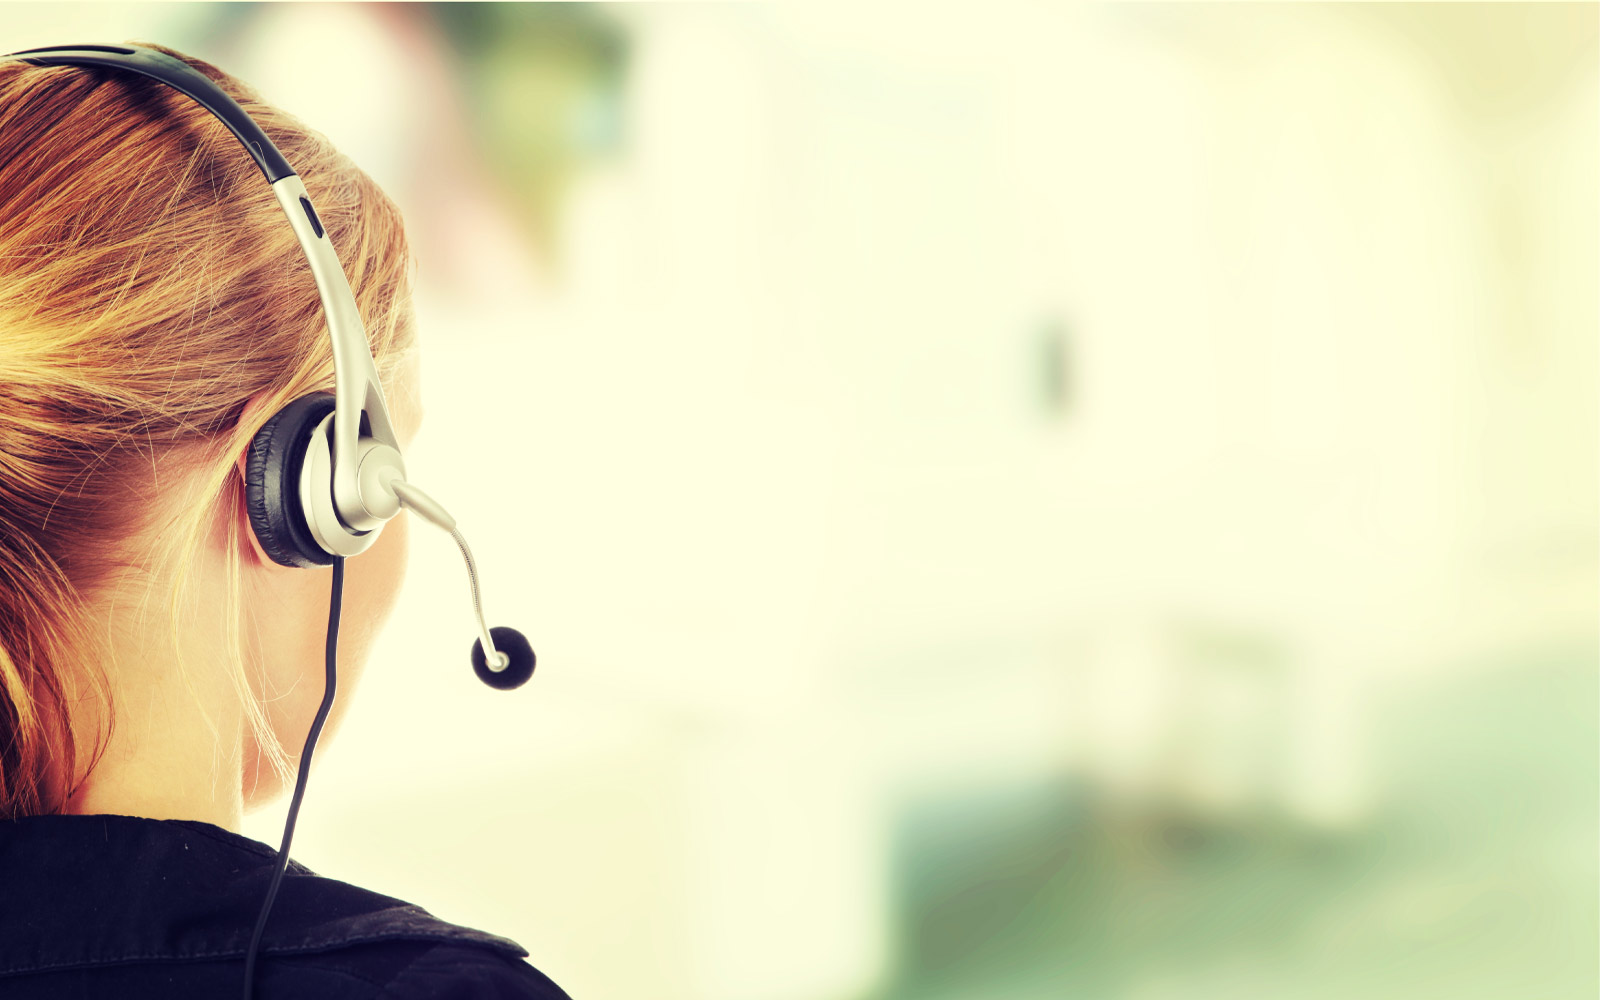 Uw telefonische bereikbaarheid uitbreiden?